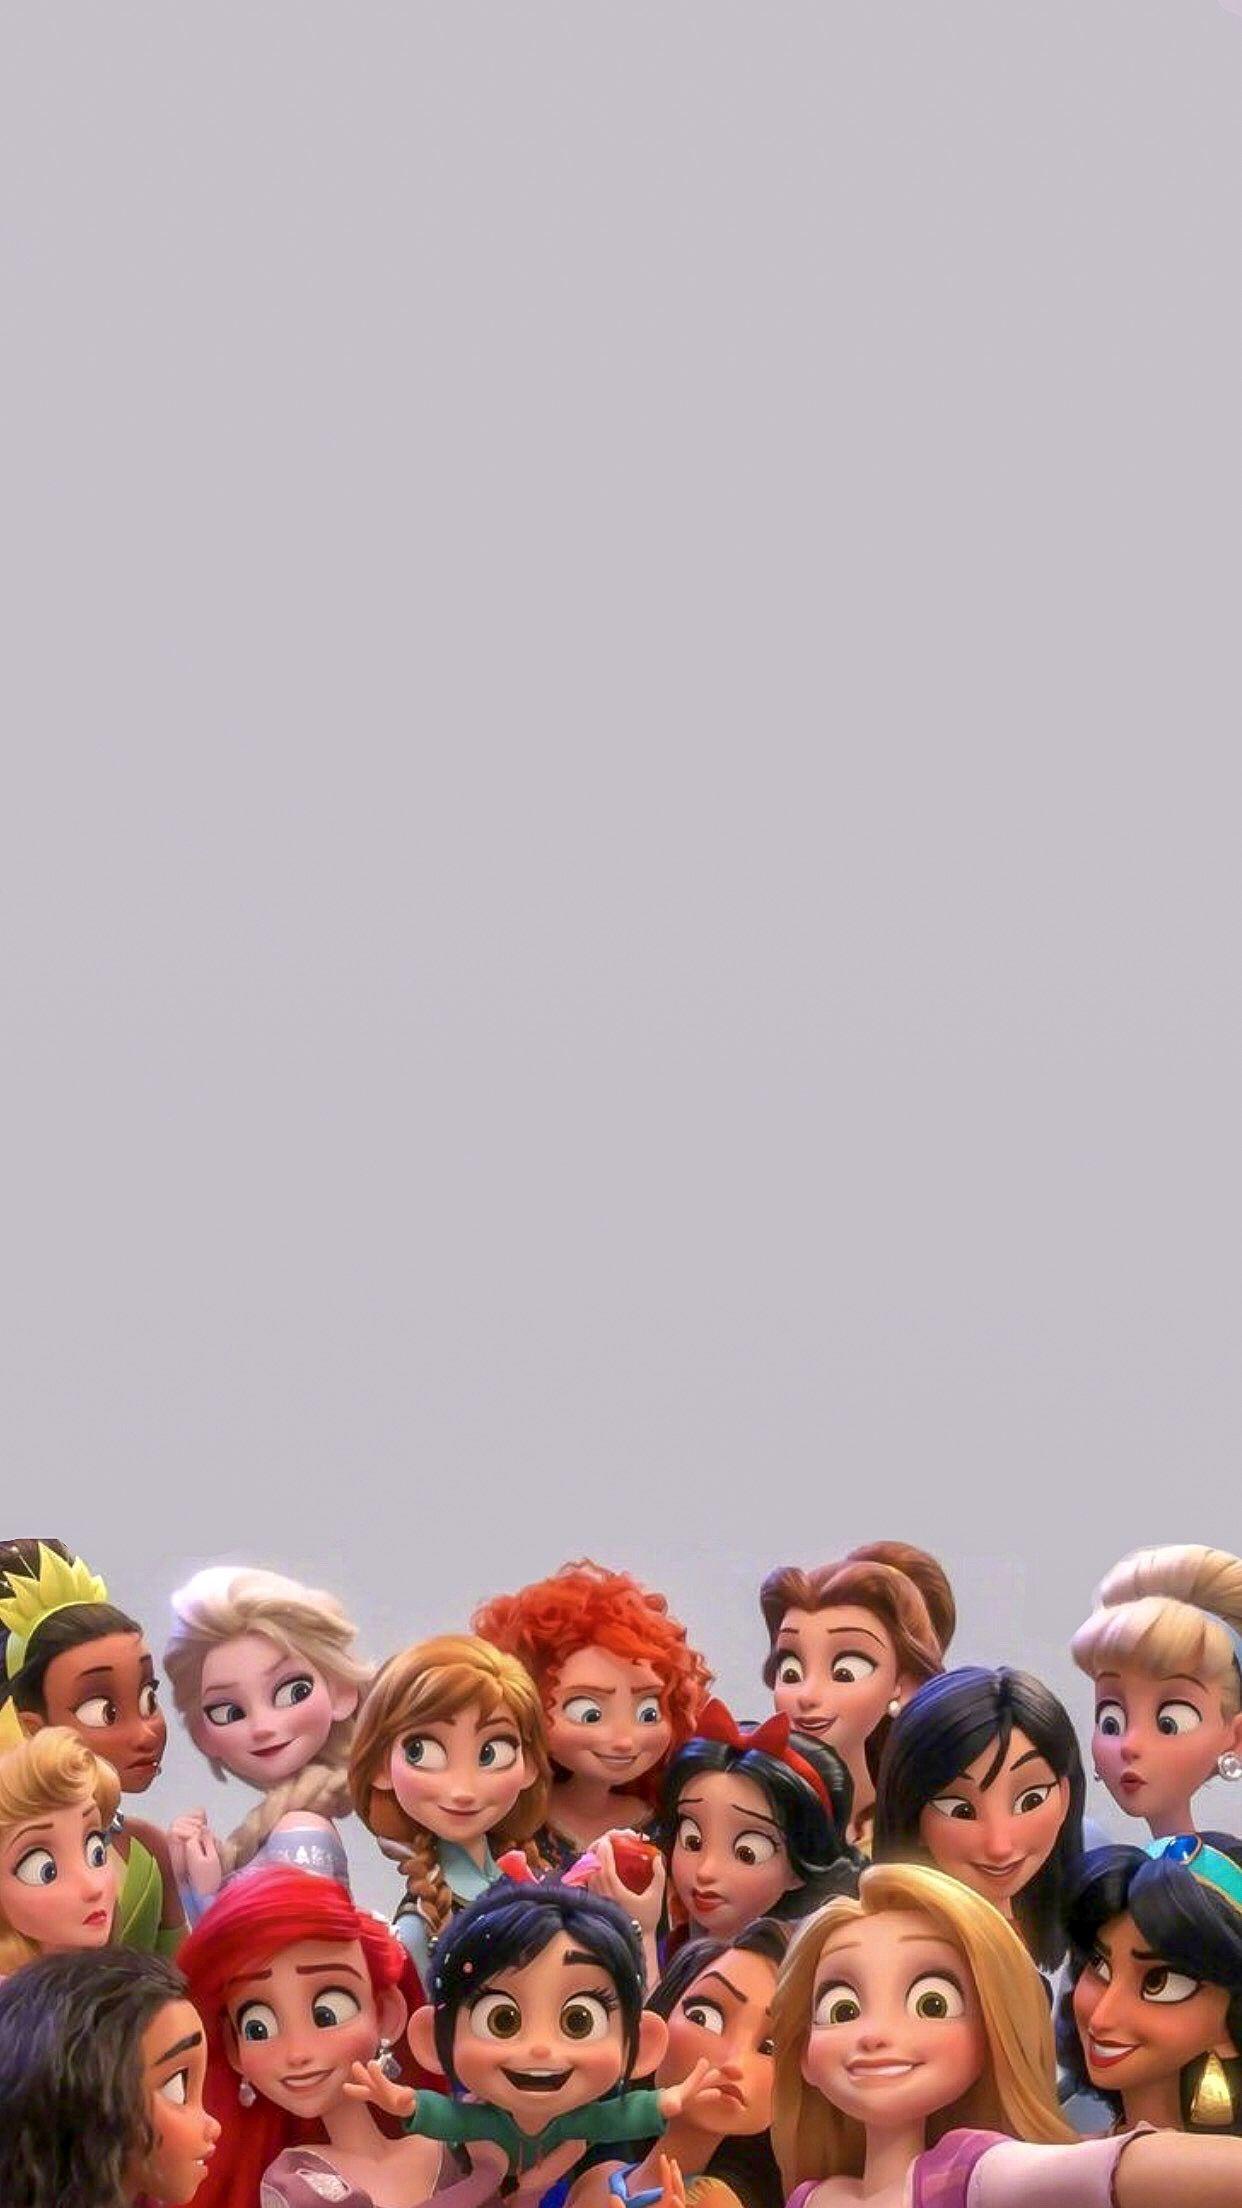 17 Fondos de pantalla de Disney para personalizar tu celular #disneyprincess